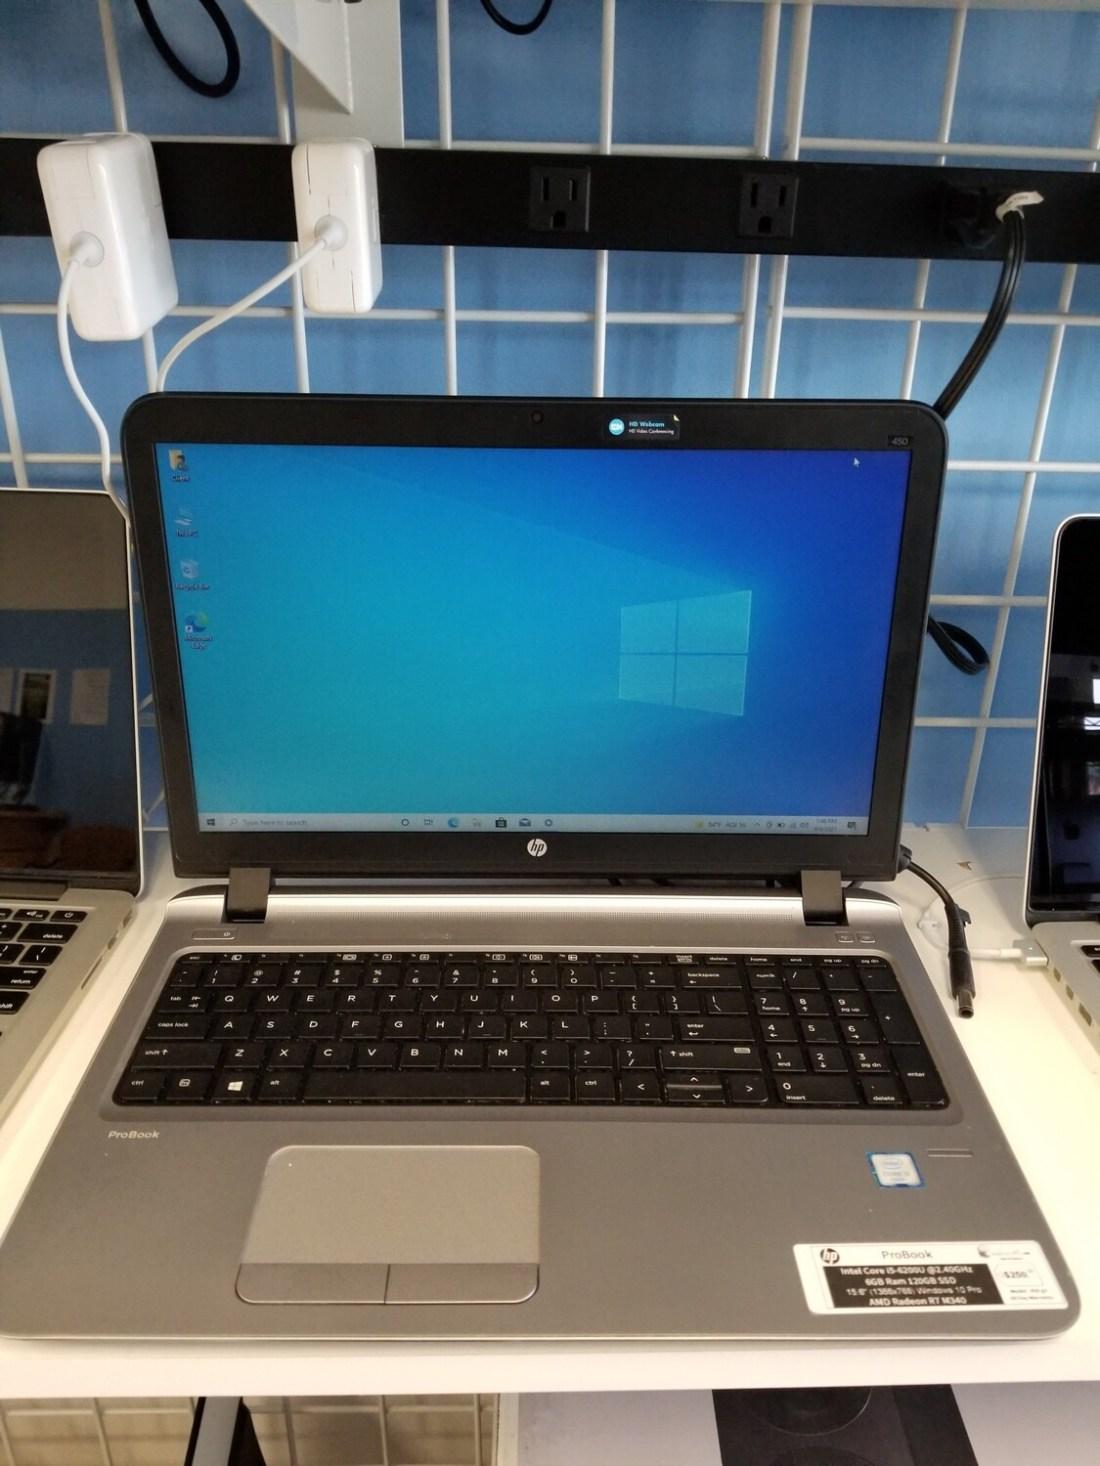 HP ProBook Intel Core i5-6200U @2.40GHz 6GB Ram 120GB SSD 15.6